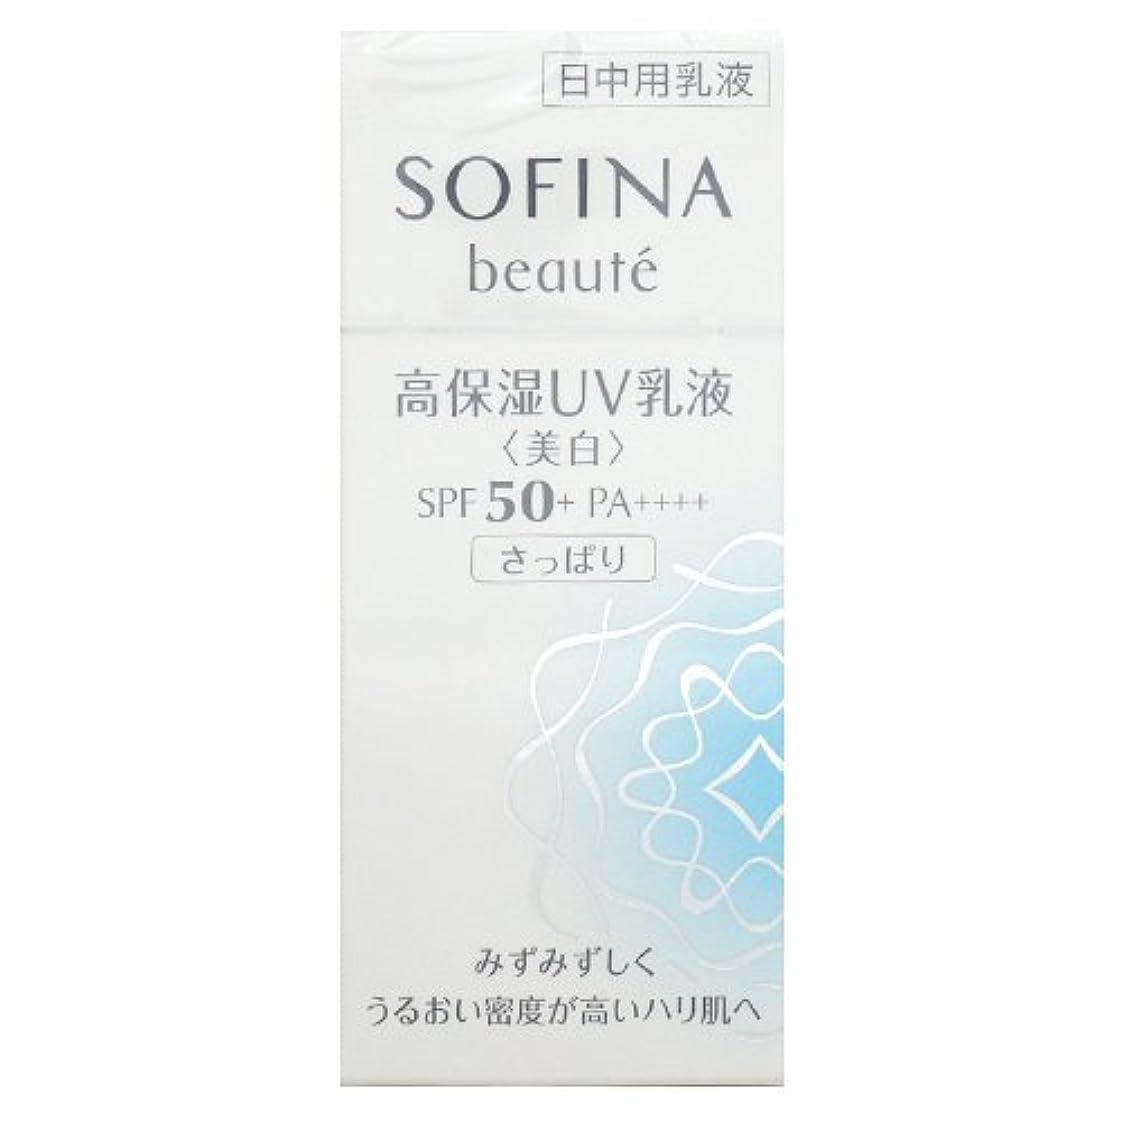 生活手のひらライド花王 ソフィーナ ボーテ SOFINA beaute 高保湿UV乳液 美白 SPF50+ PA++++ さっぱり 30mL [並行輸入品]